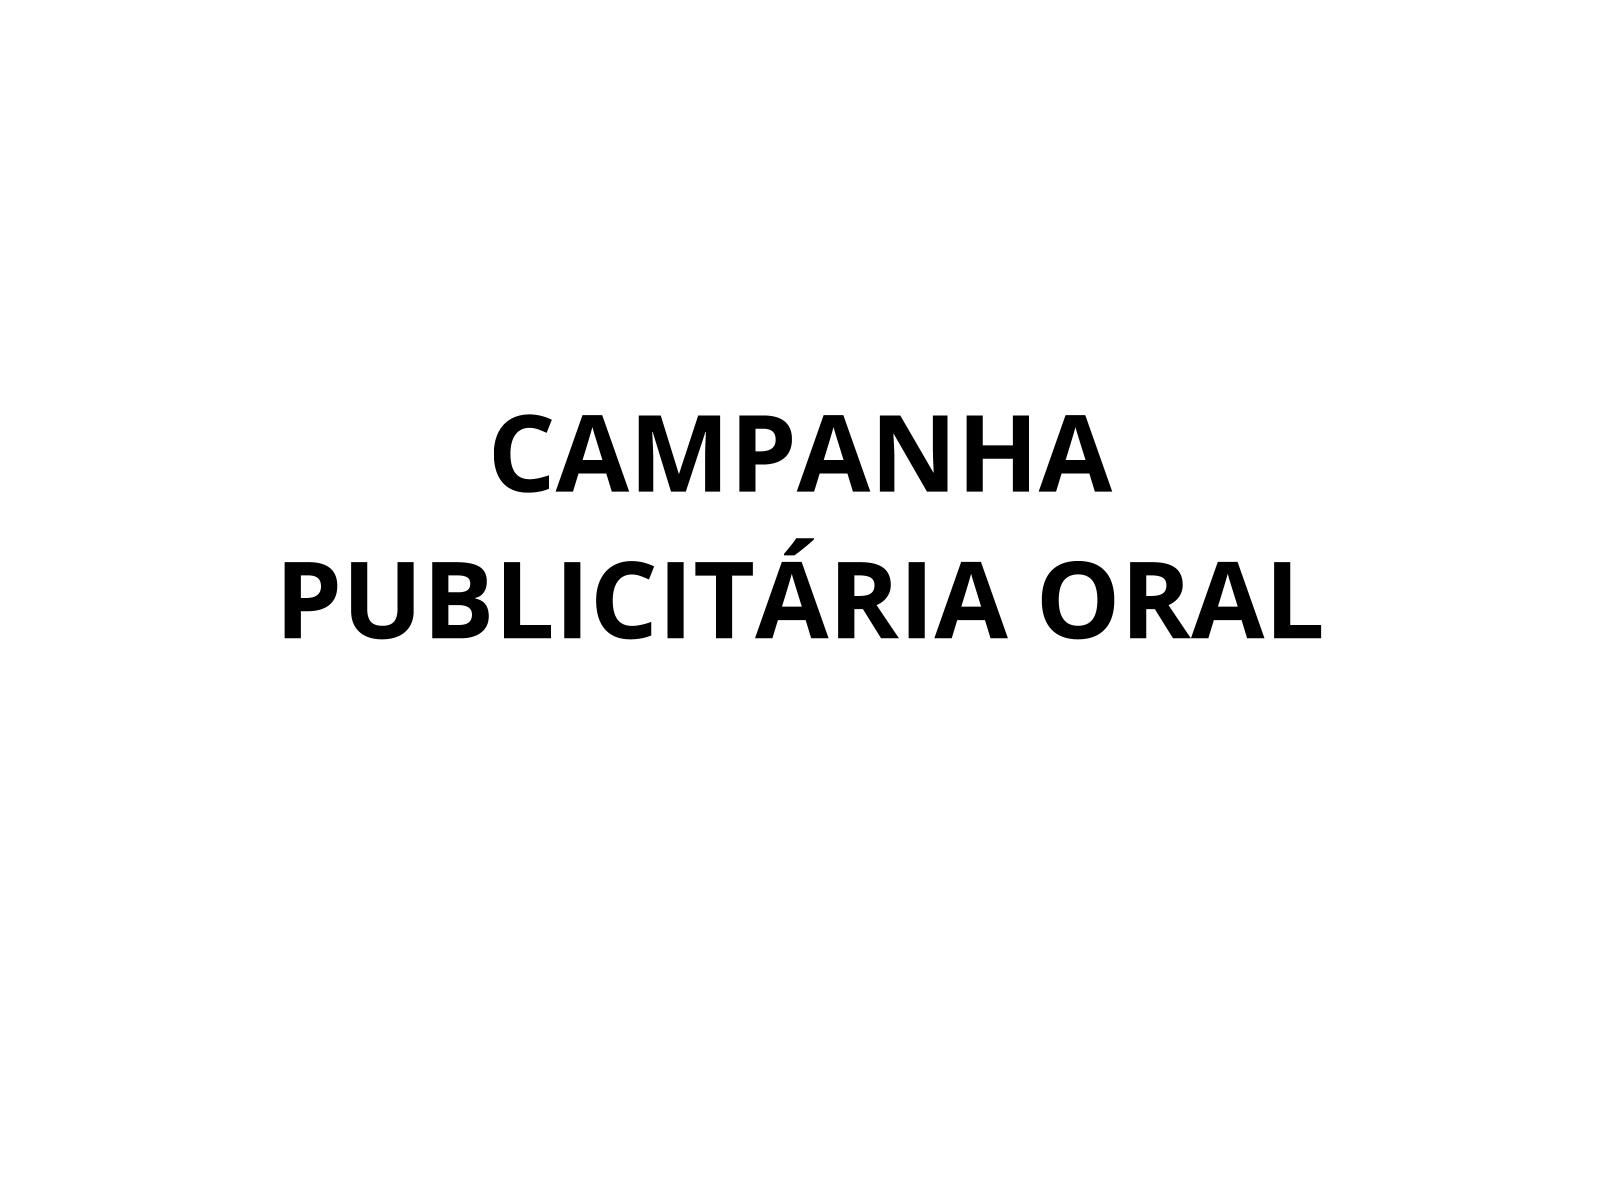 Conhecendo os elementos composicionais característicos de campanhas publicitárias apresentadas na modalidade oral